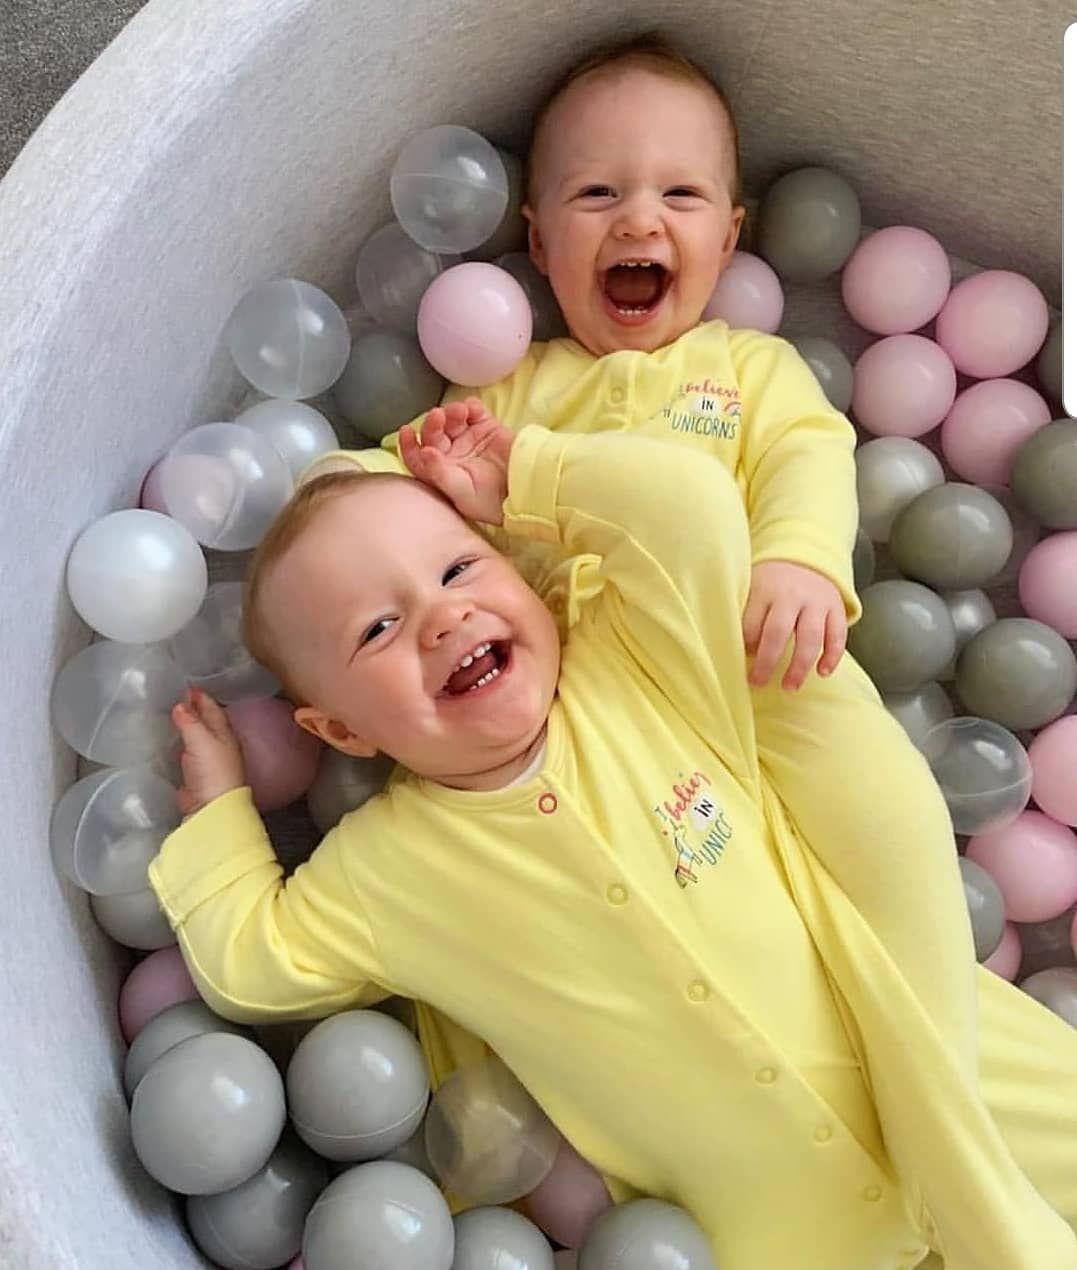 اجمل ملابس مواليد بنات جديدة 2019 ملابس اطفال حديثى الولادة شتوية Baby Face Youtube Face